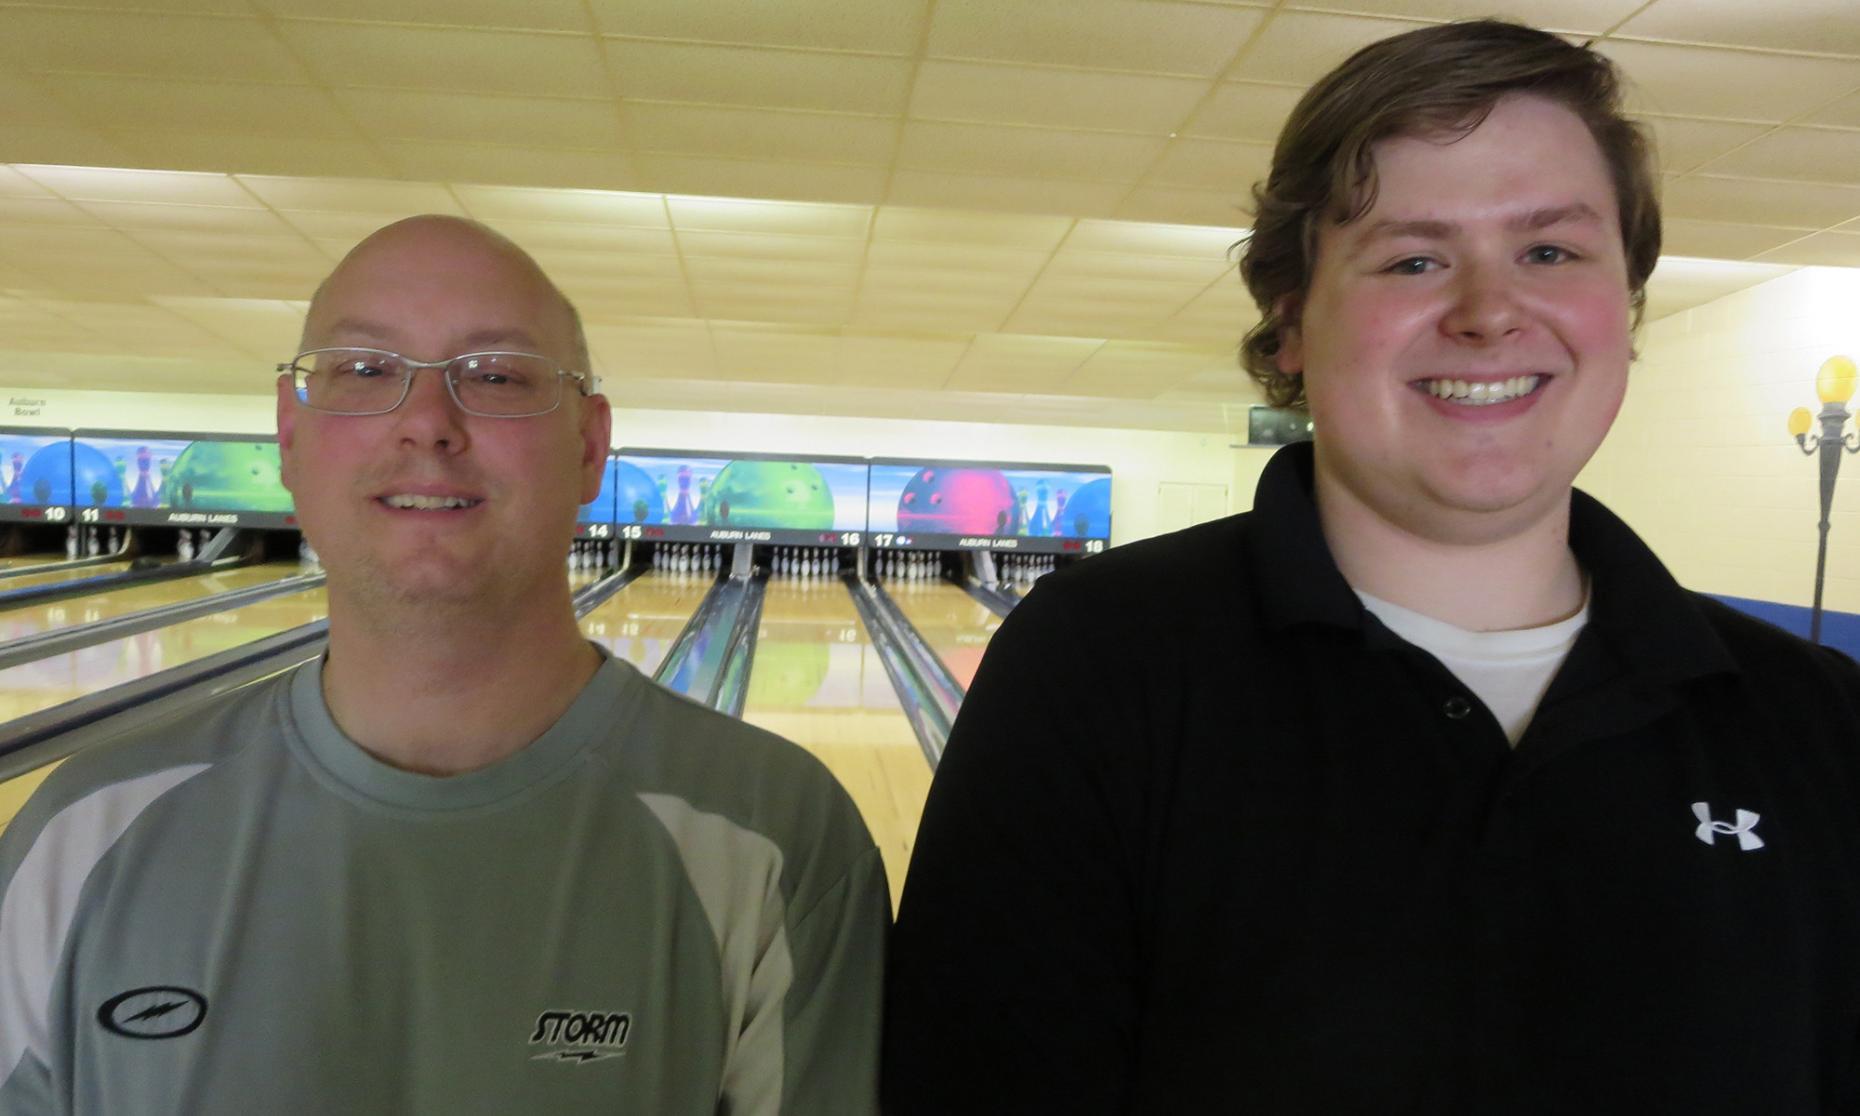 Champion Jeff Fox and Runner-up Bryan Eaton